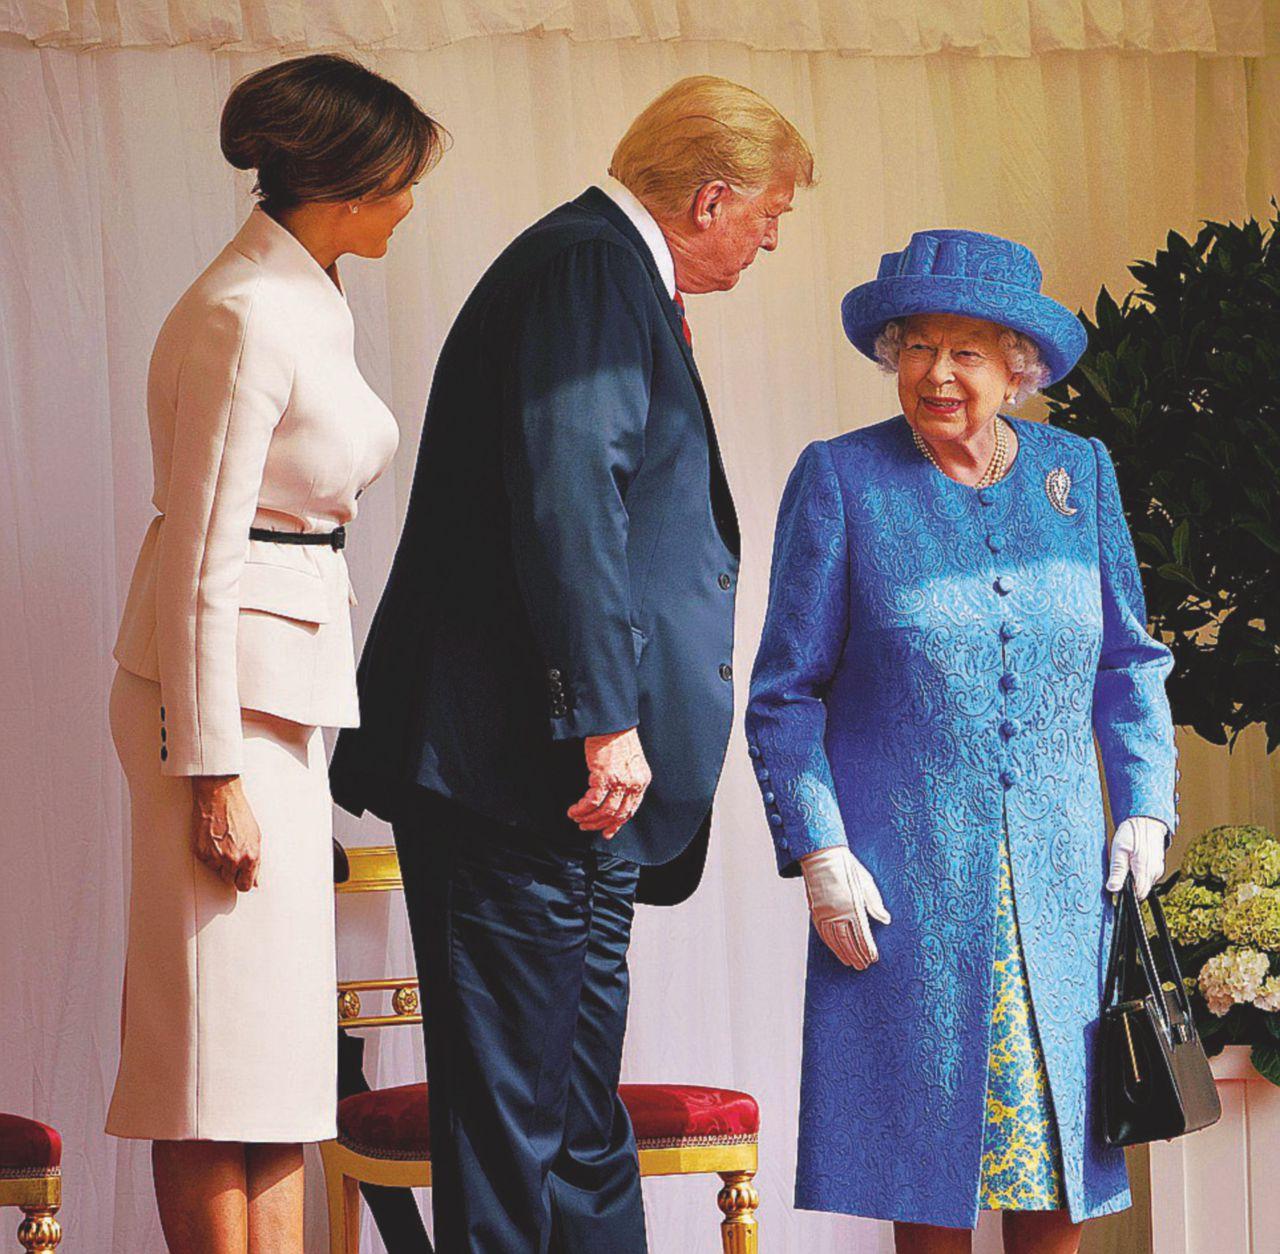 La regina d'Inghilterra era Trump: May sbranata